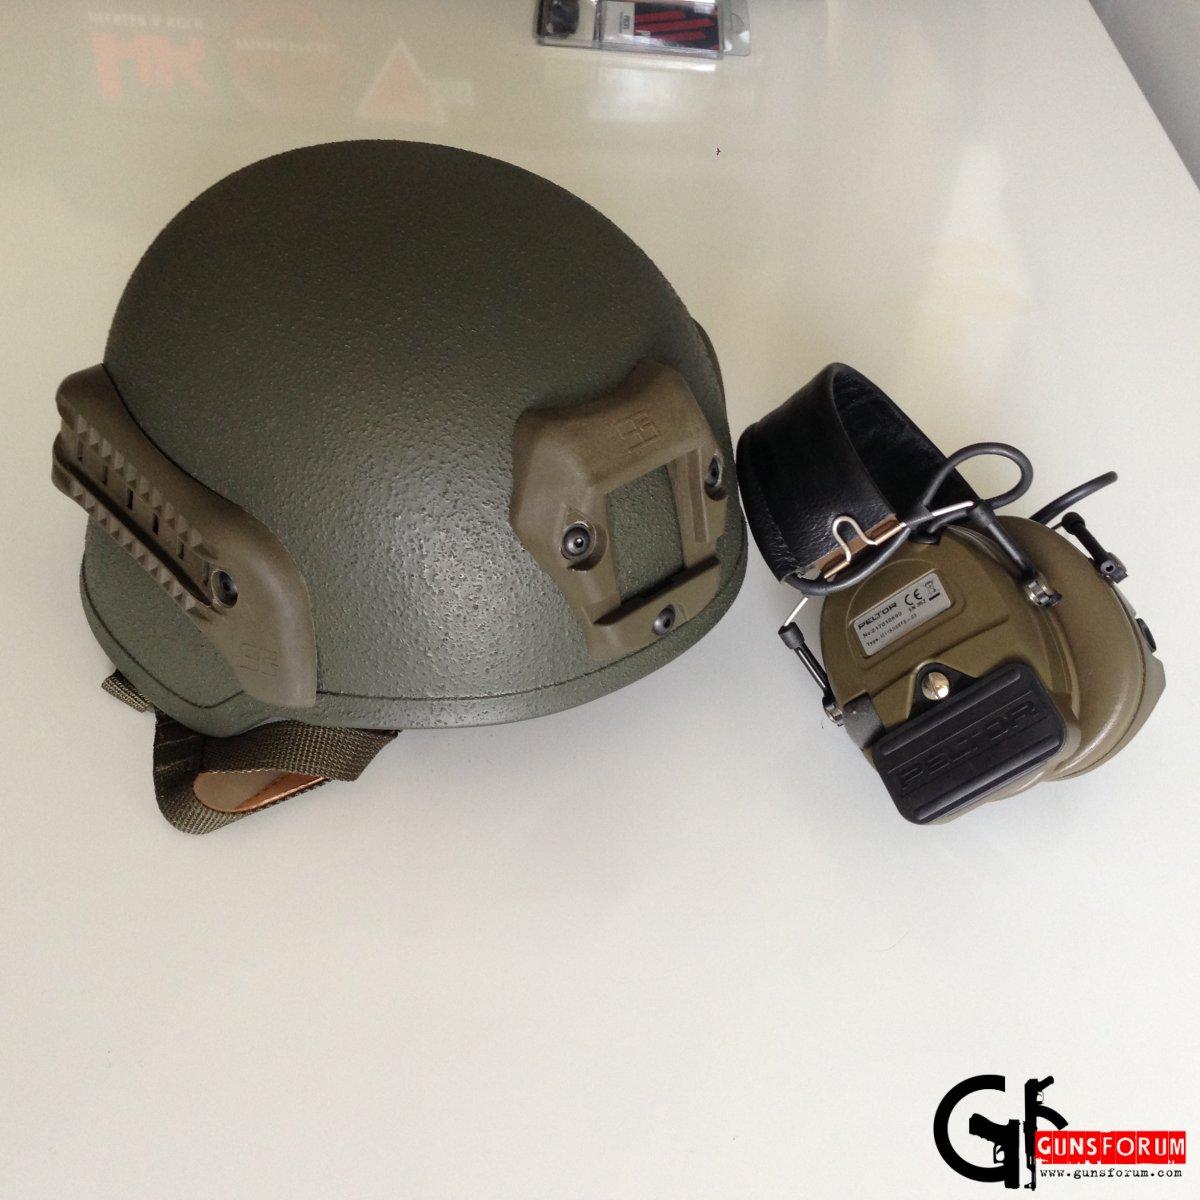 Бронешлем ШБМ с подвесной системой, подушками Skydex и рейлами для крепления навесного оборудования